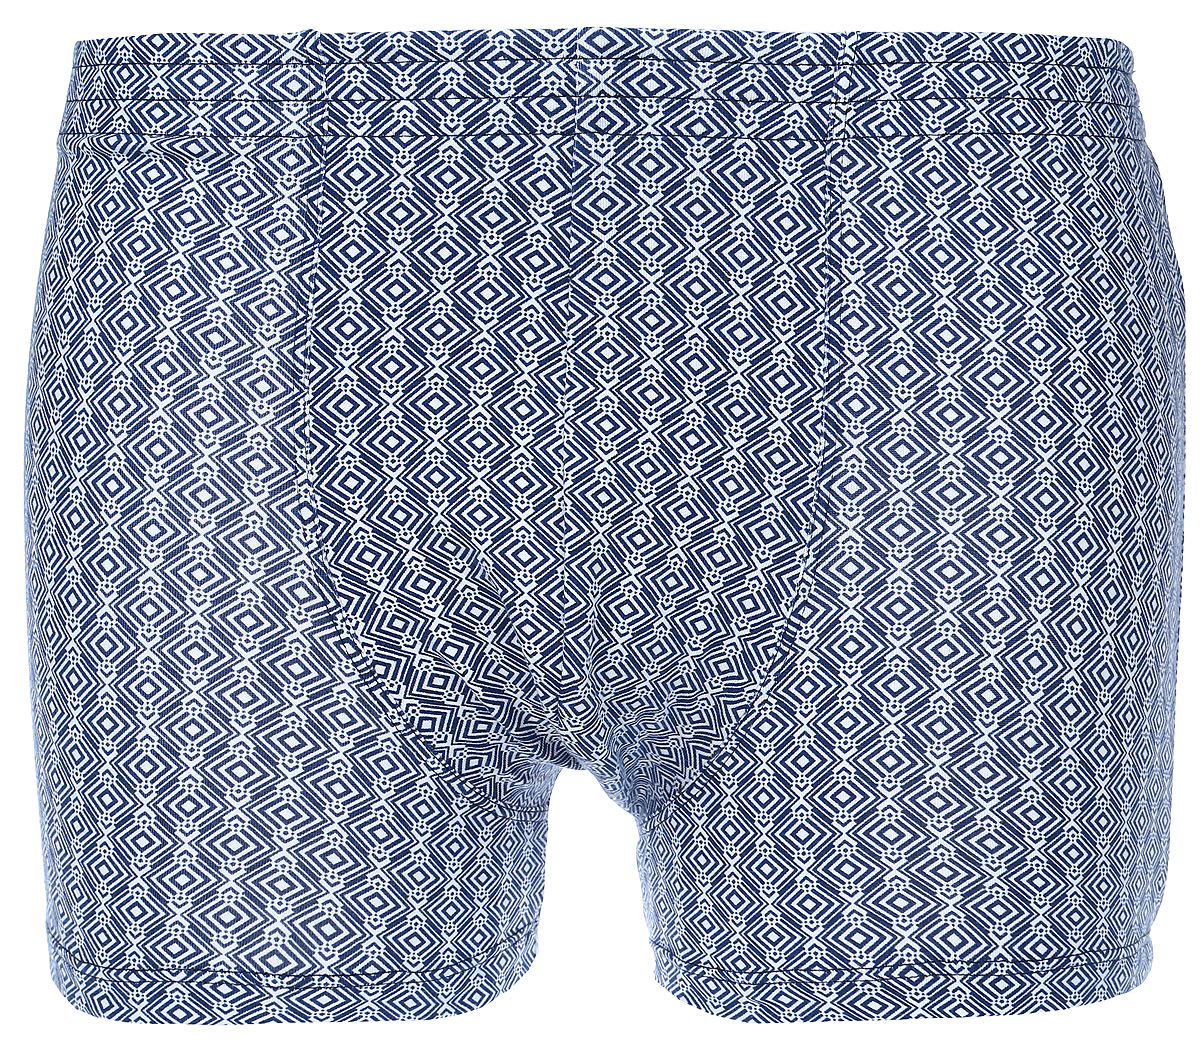 Трусы-боксеры мужские Melado База, цвет: синий. 8100M-40010.2L-075. Размер 56 трусы боксеры diesel 00sj54 0kapm 912